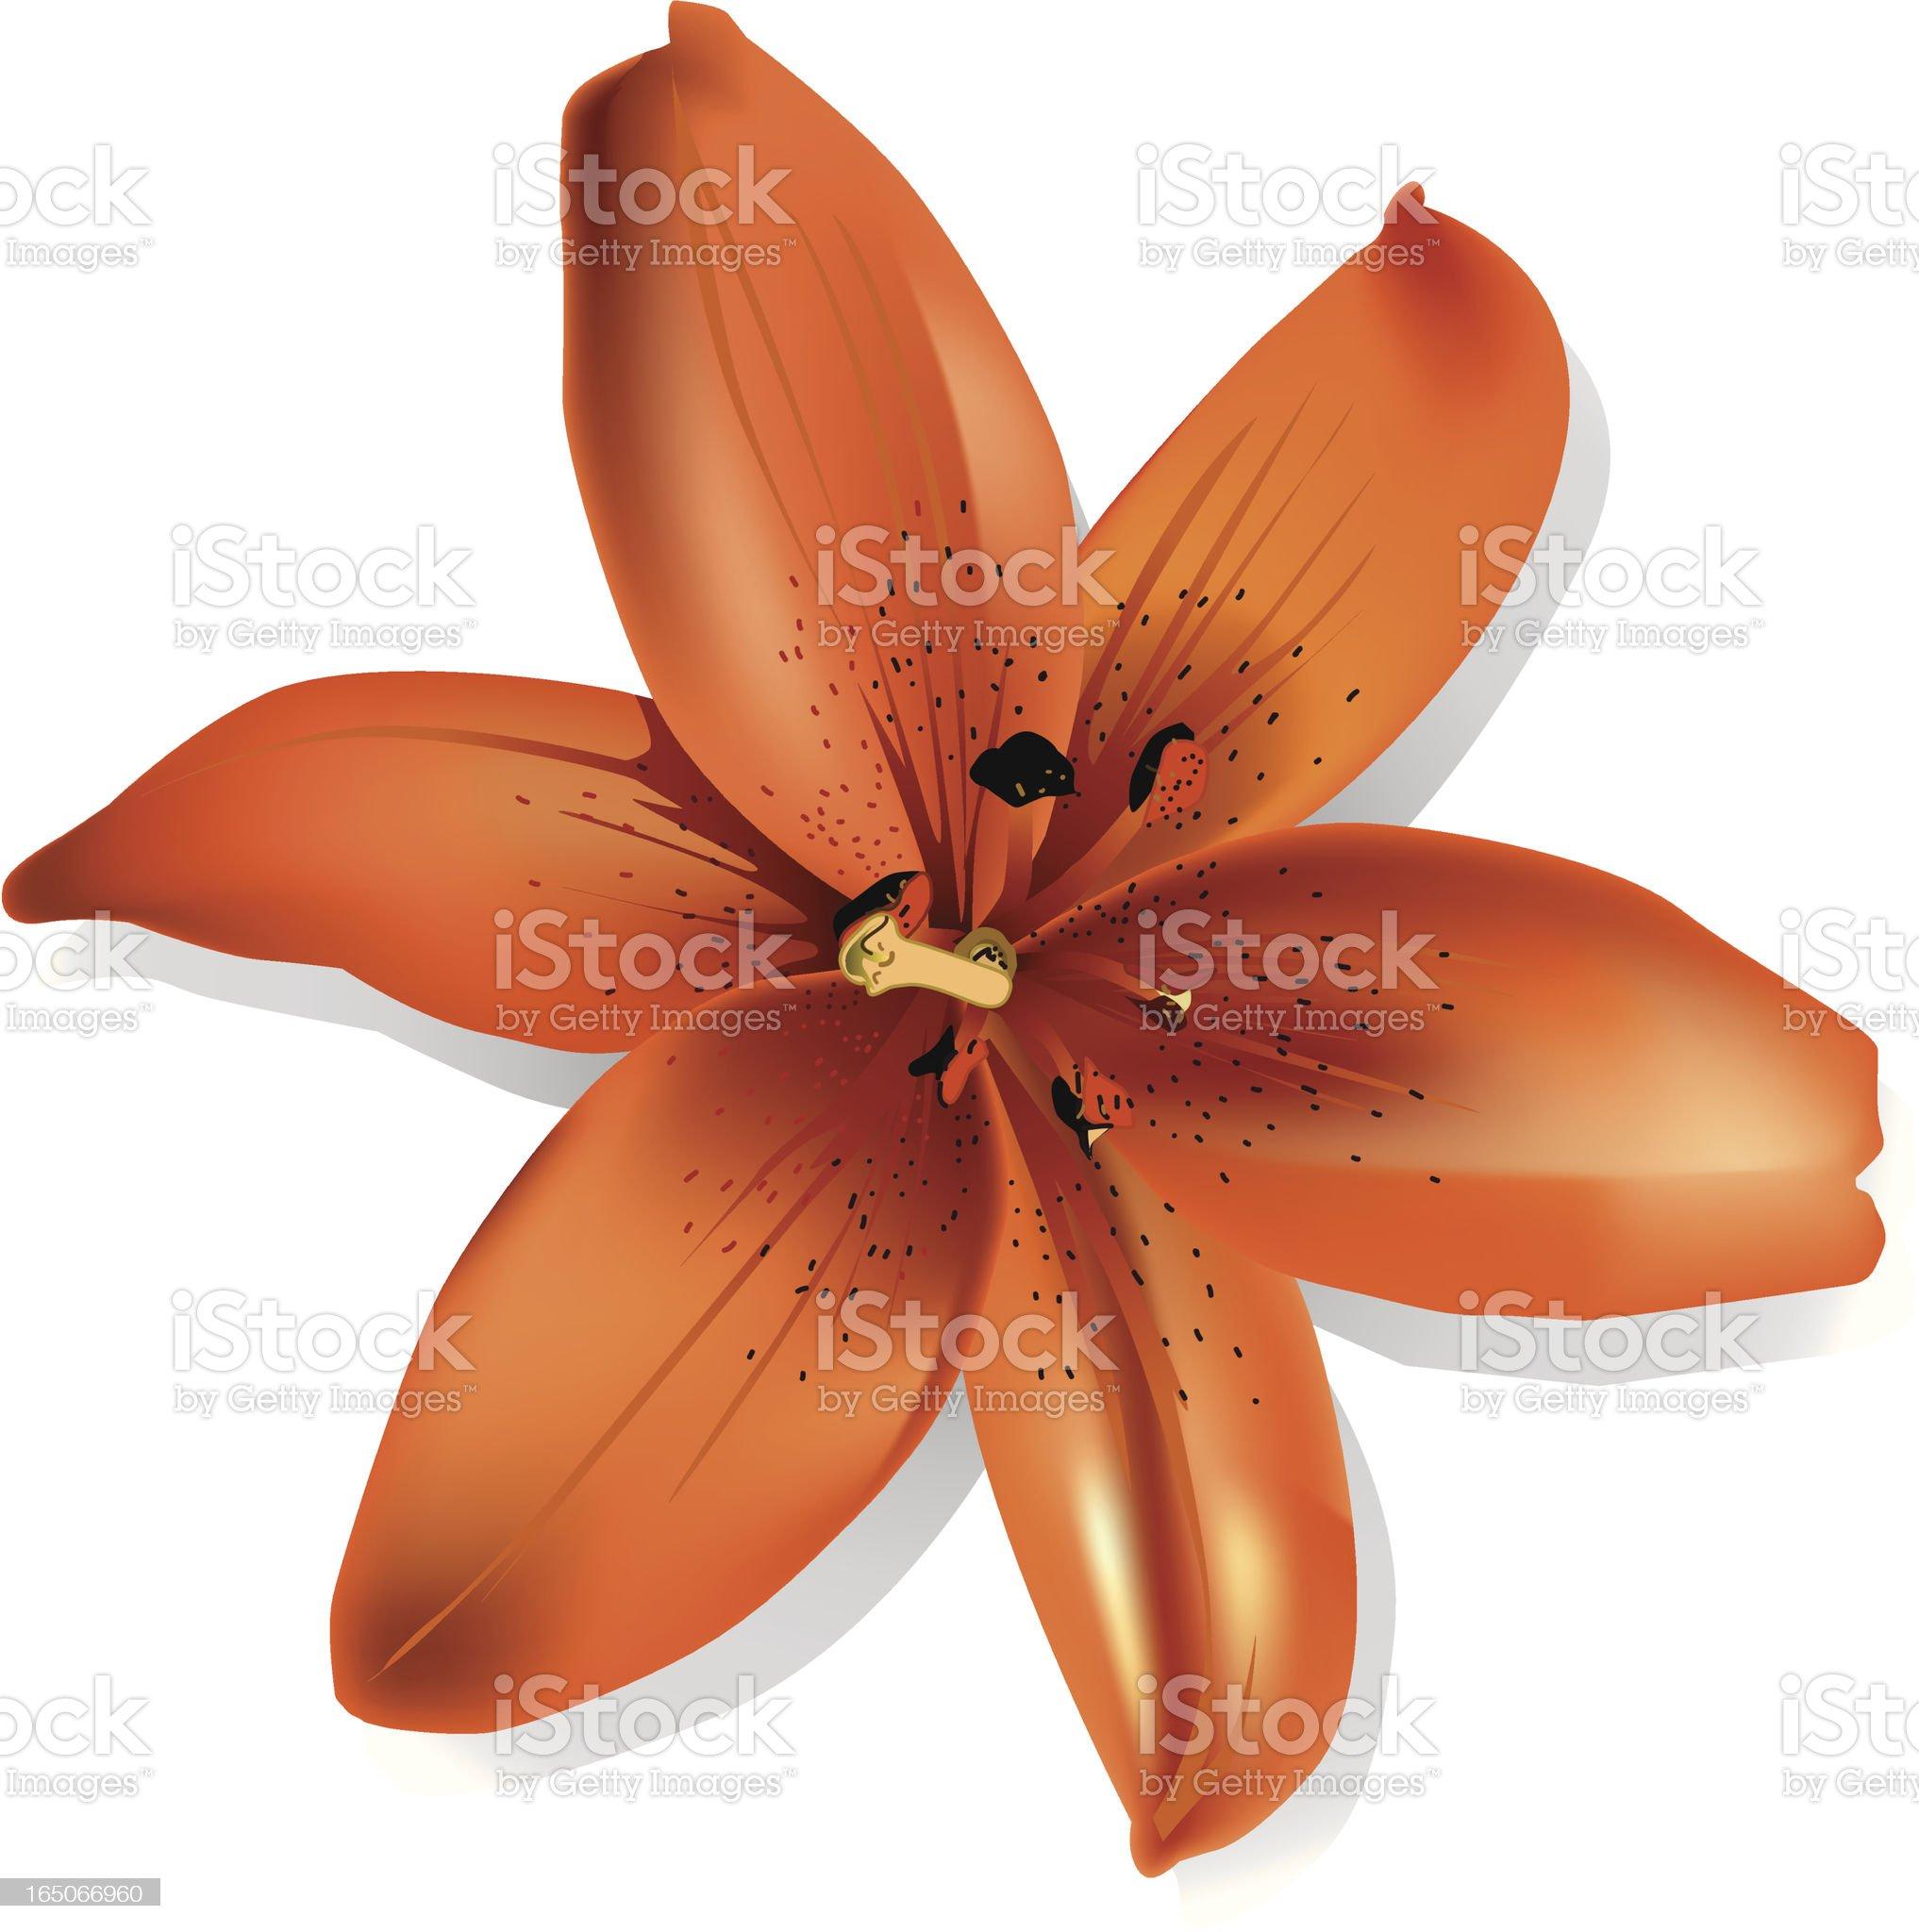 Orange flower royalty-free stock vector art